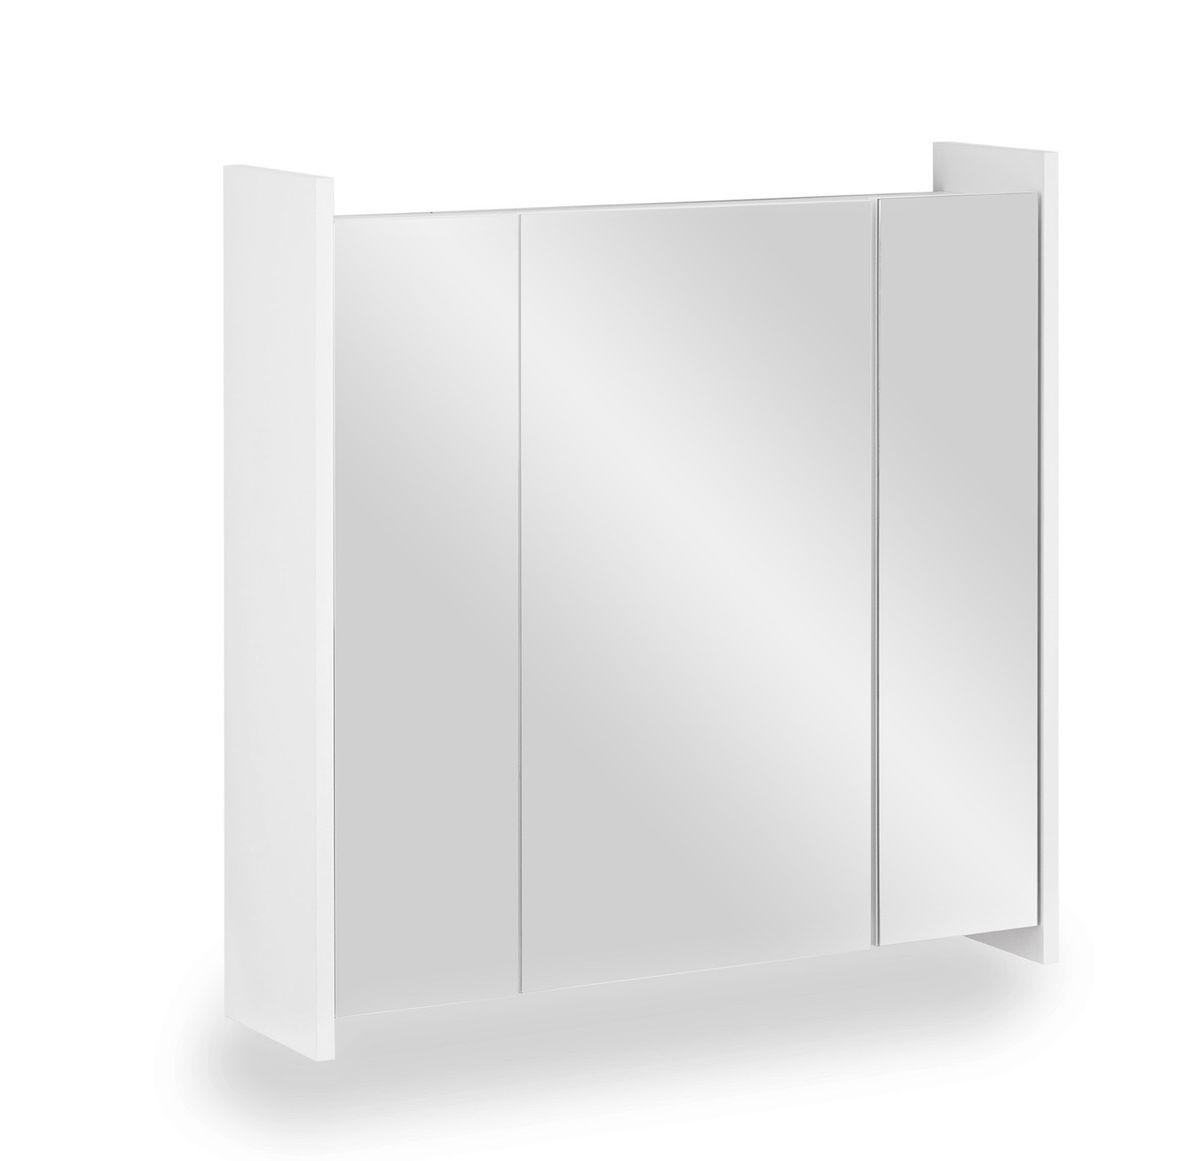 Spiegelschrank FROSTI 70 cm Weiß – Bild 1